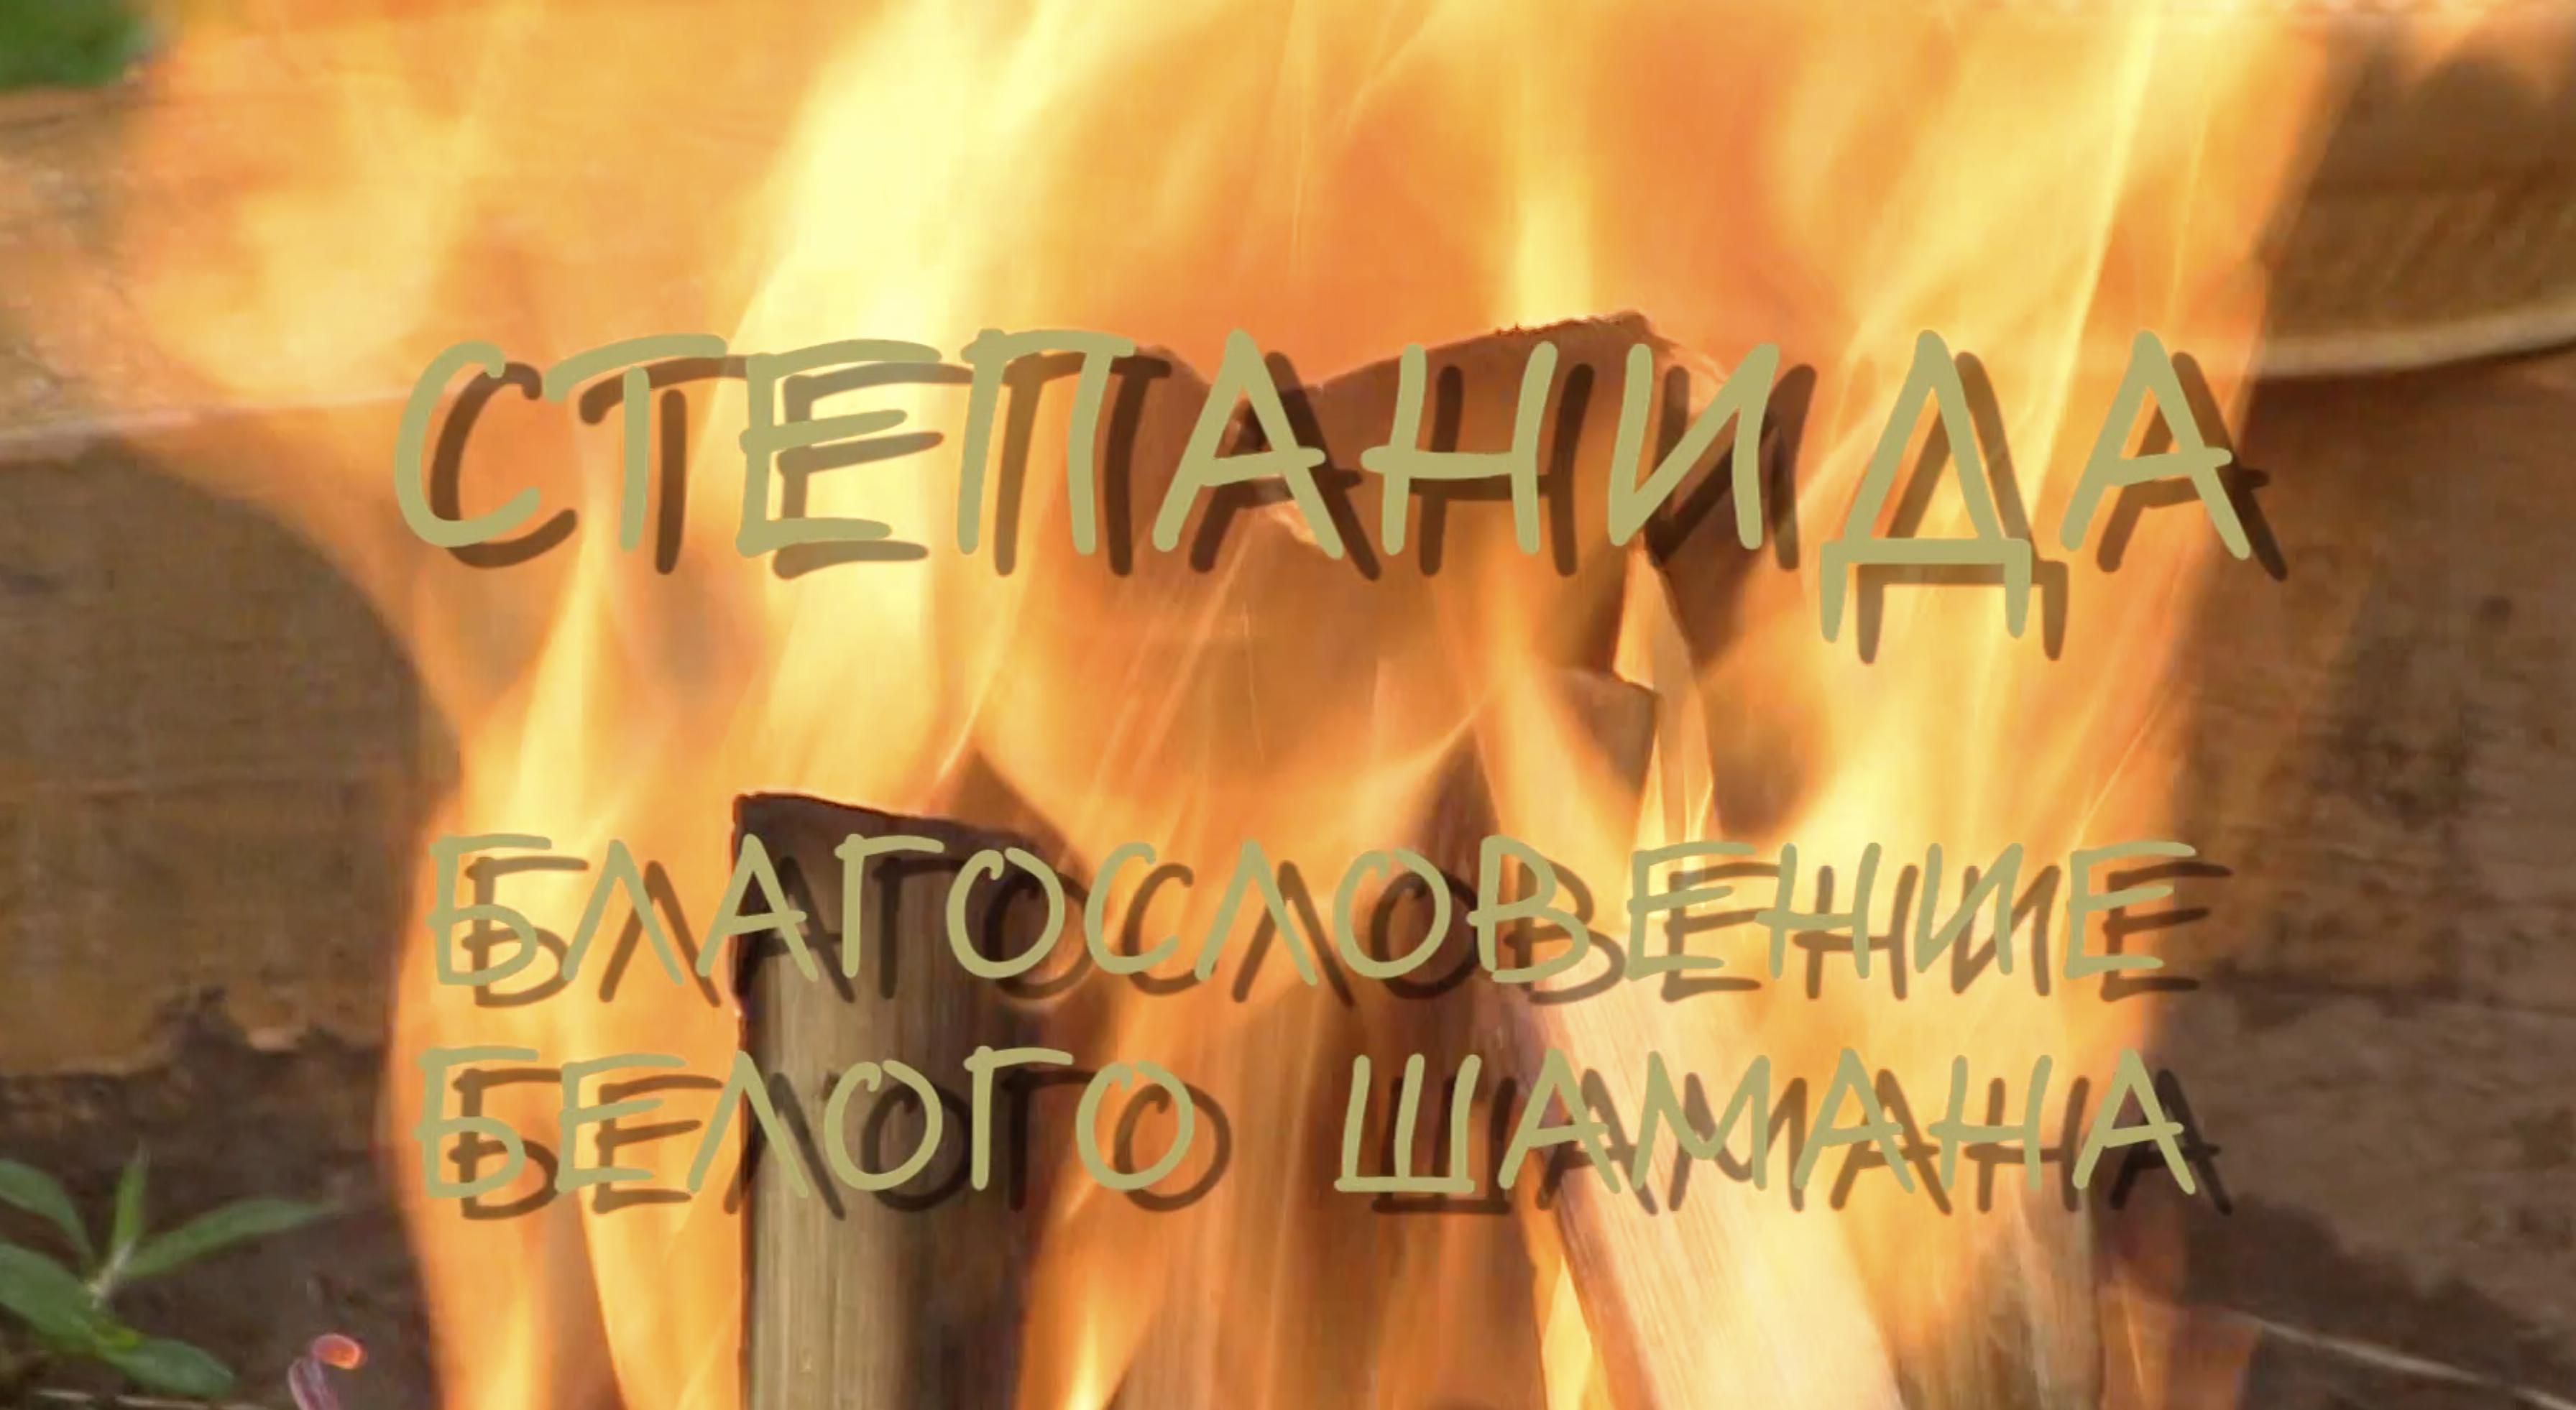 «Степанида. Благословение Белого Шамана — третий фильм из цикла Московская кругосветка